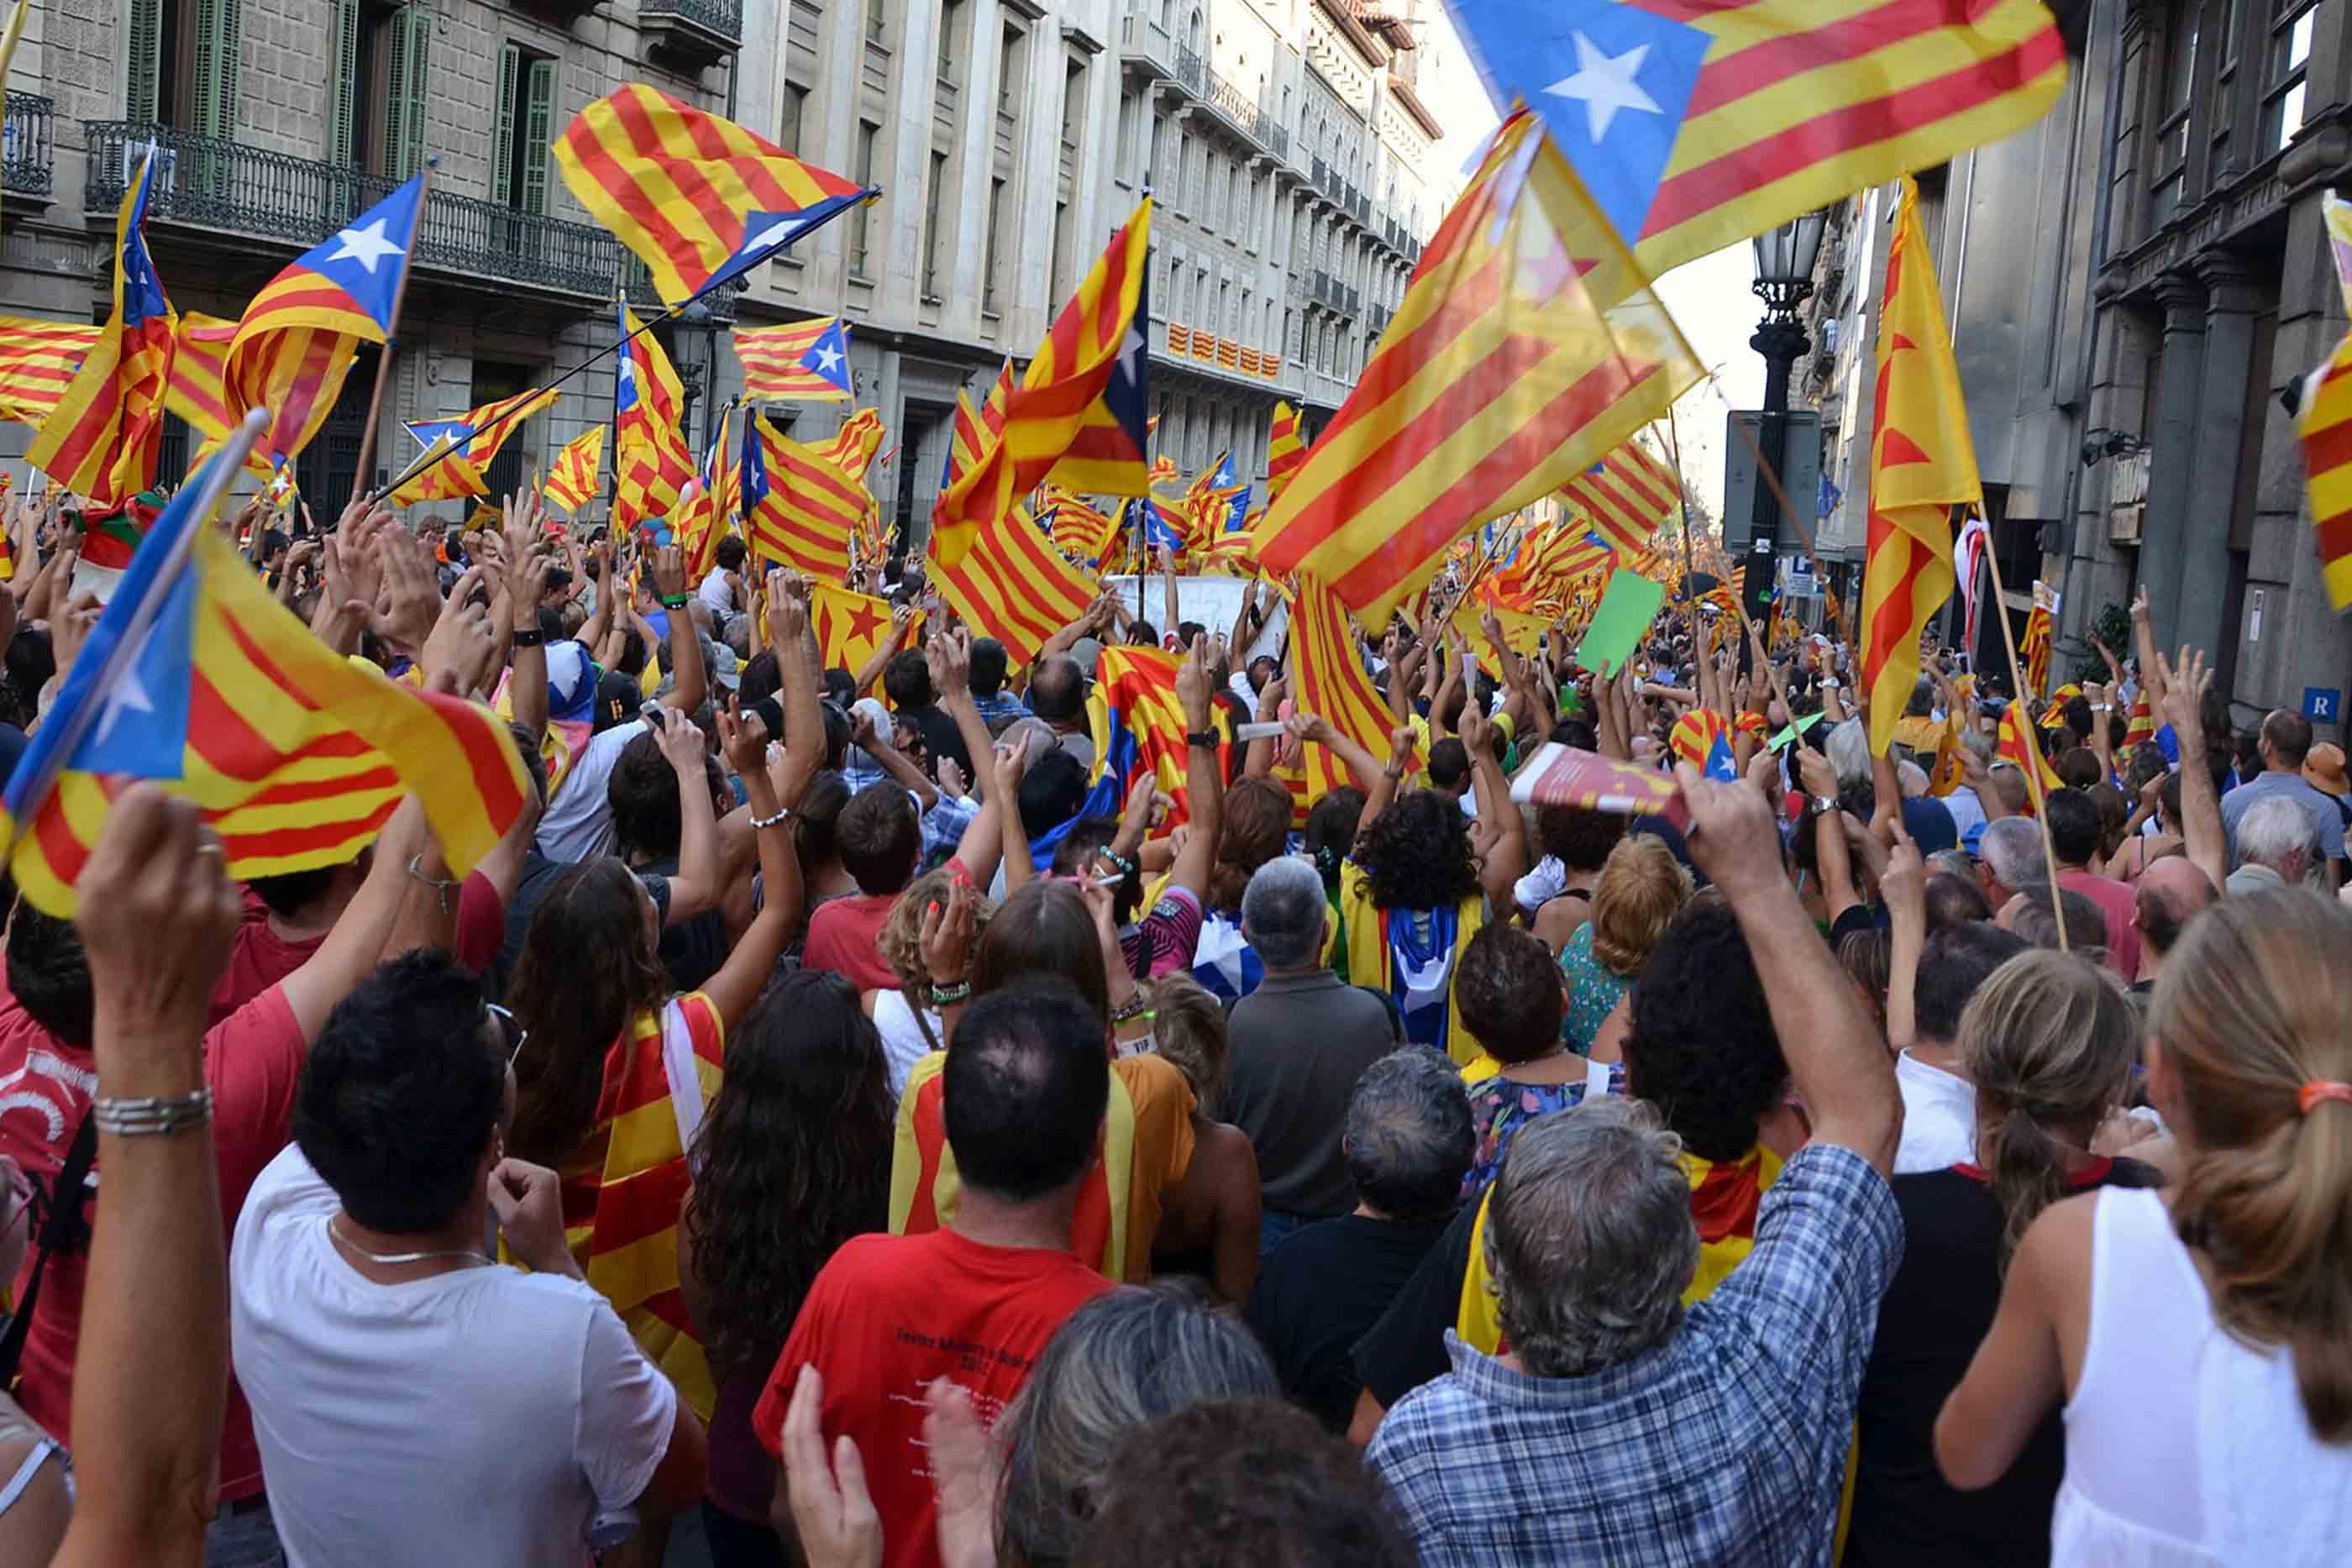 Catalães elevam as bandeiras na rua em protesto independentista.